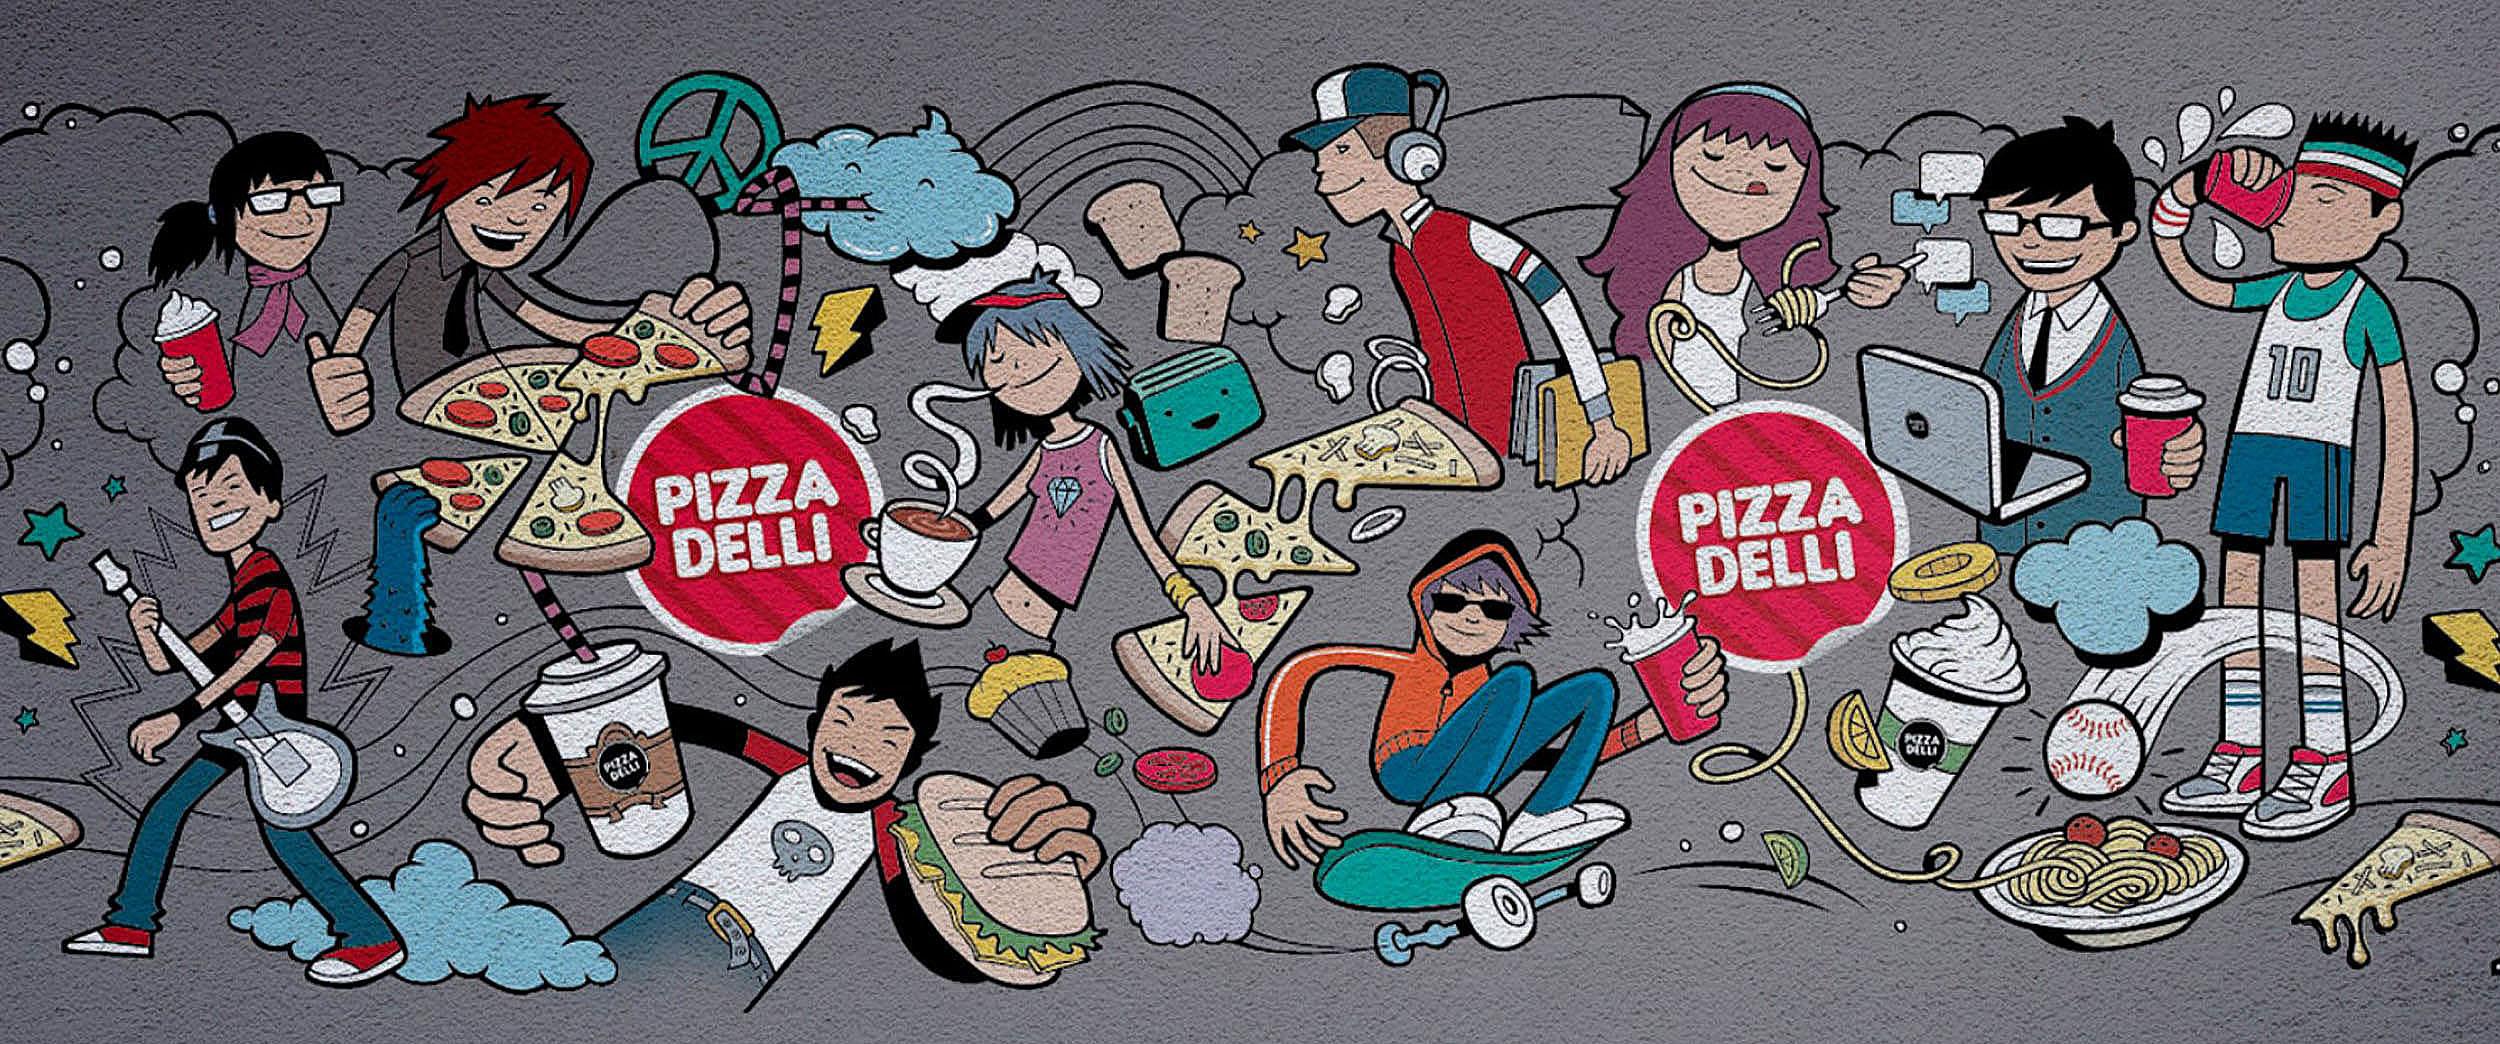 pizzadelli.jpg